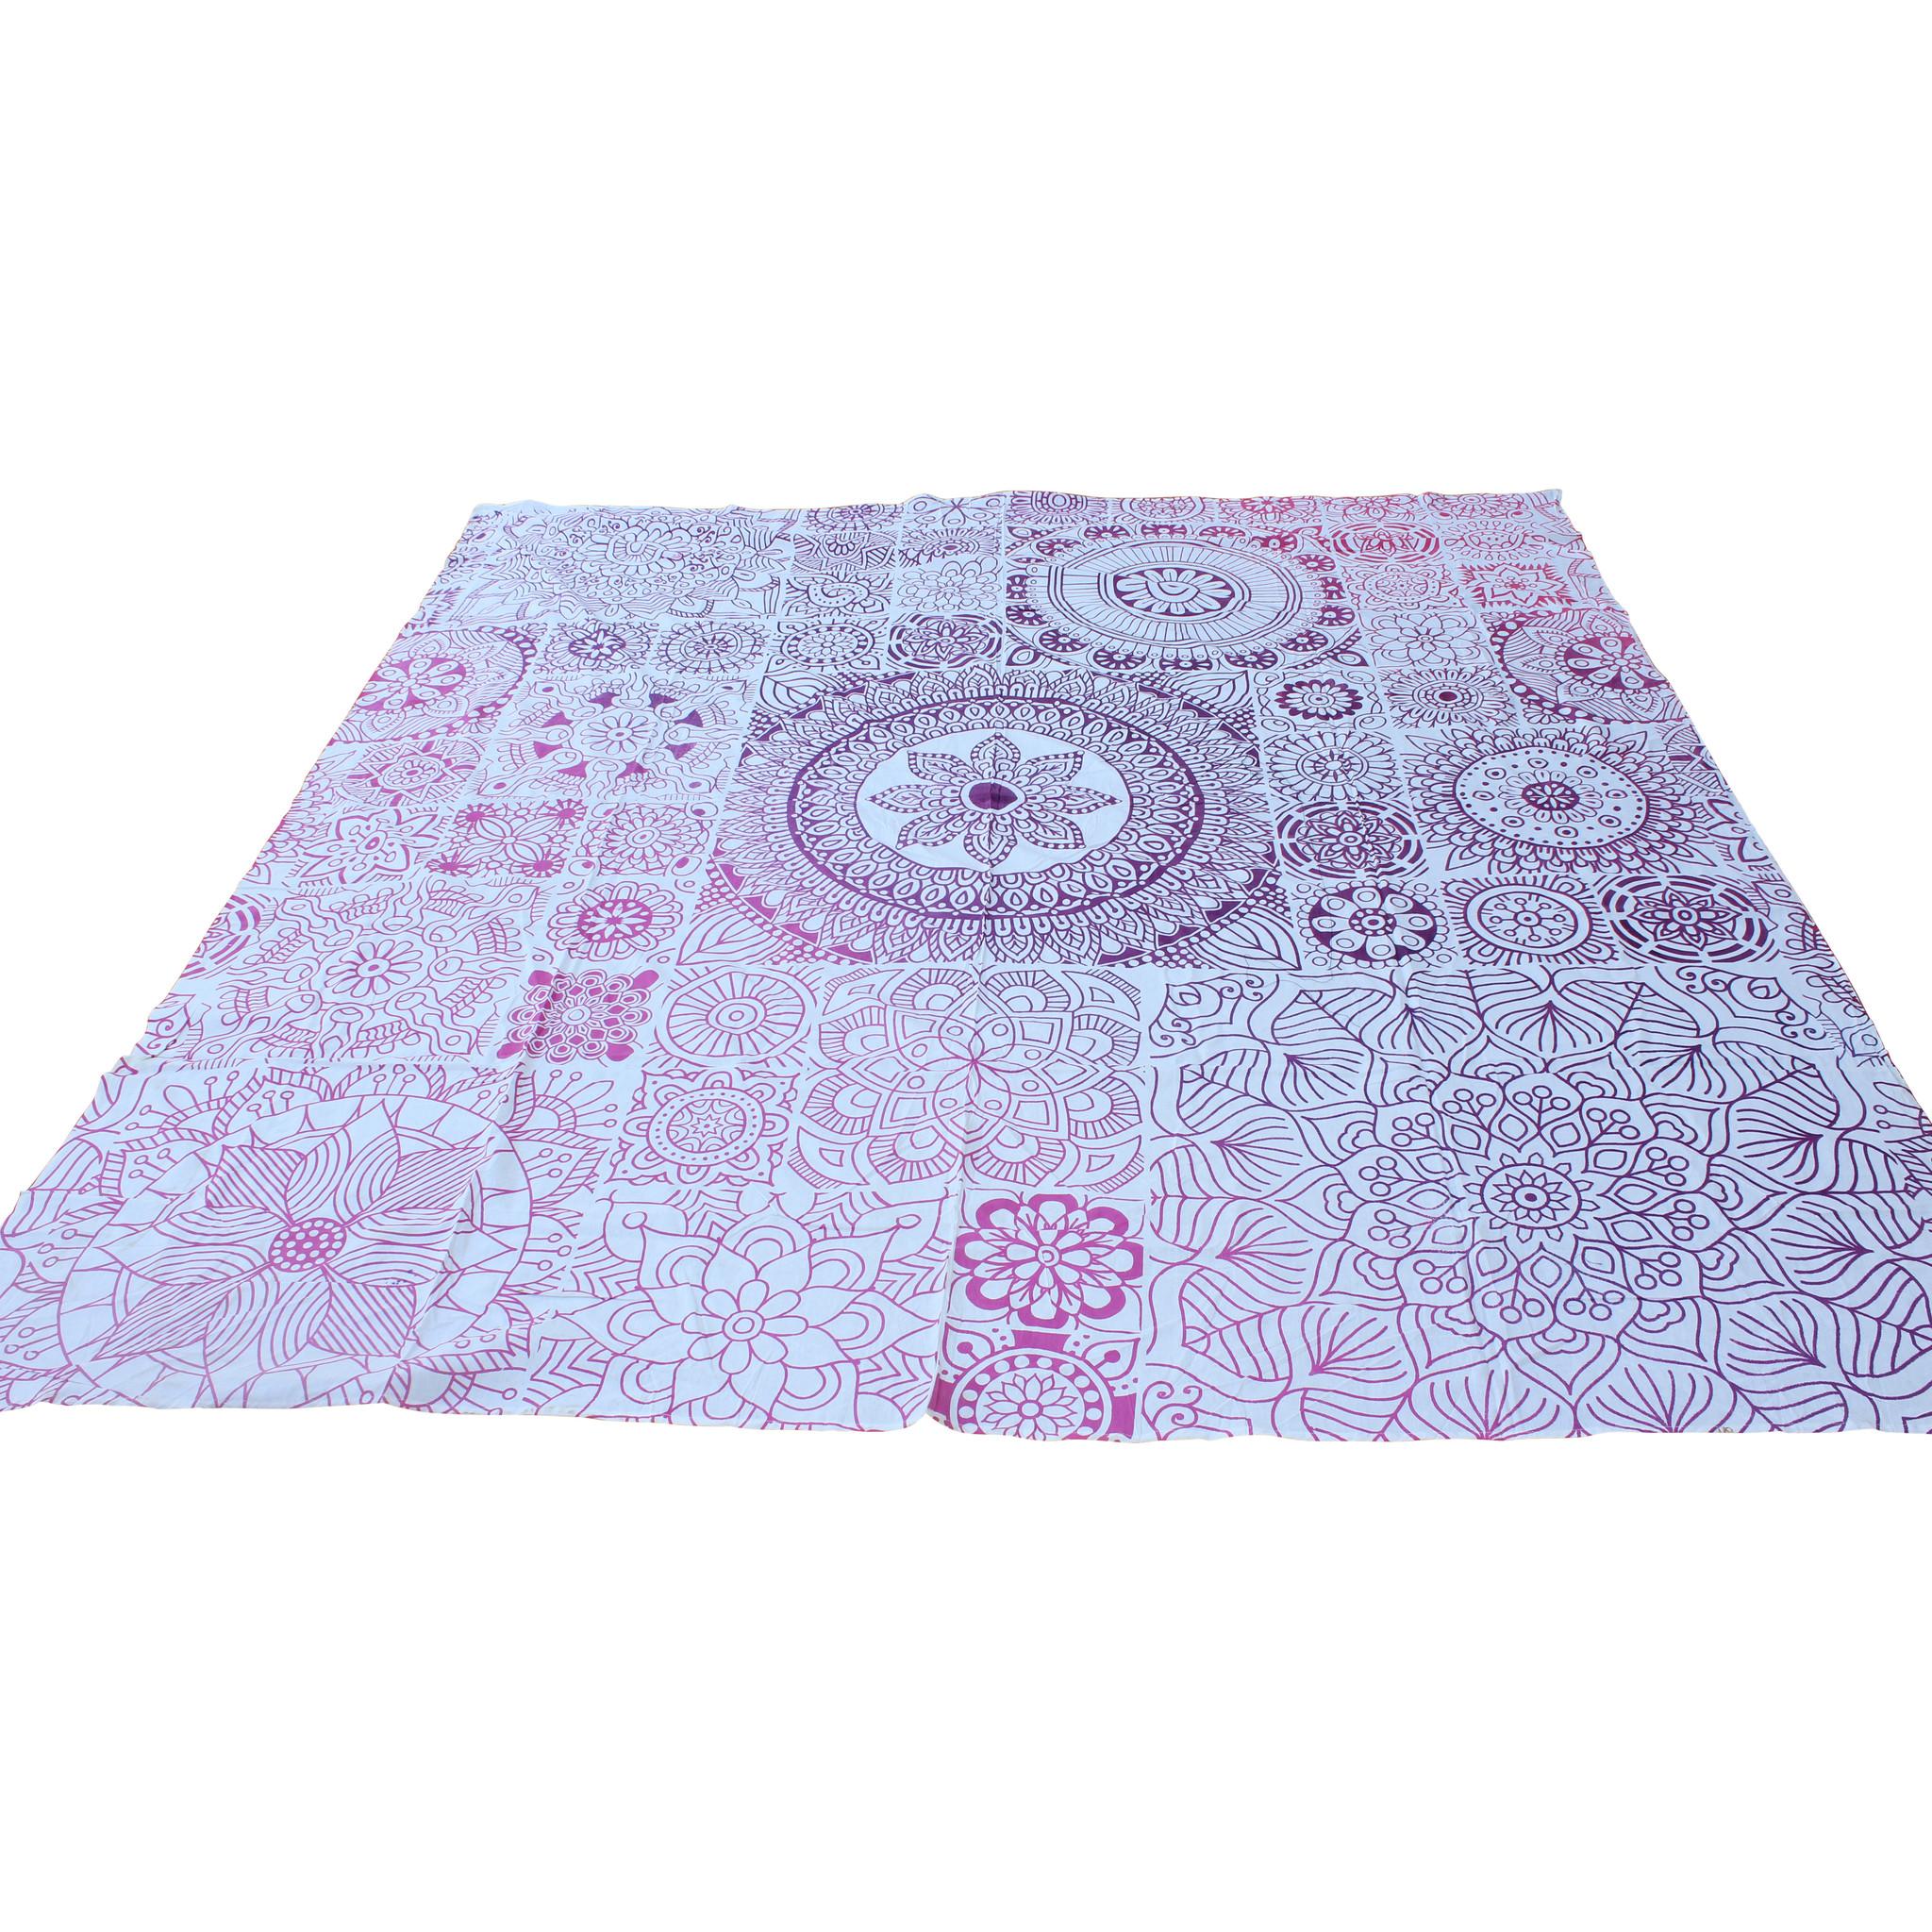 Myroundie Myroundie - roundie - vierkant strandlaken XL – yoga kleed- speelkleed - picknickkleed -100% katoen – Q42